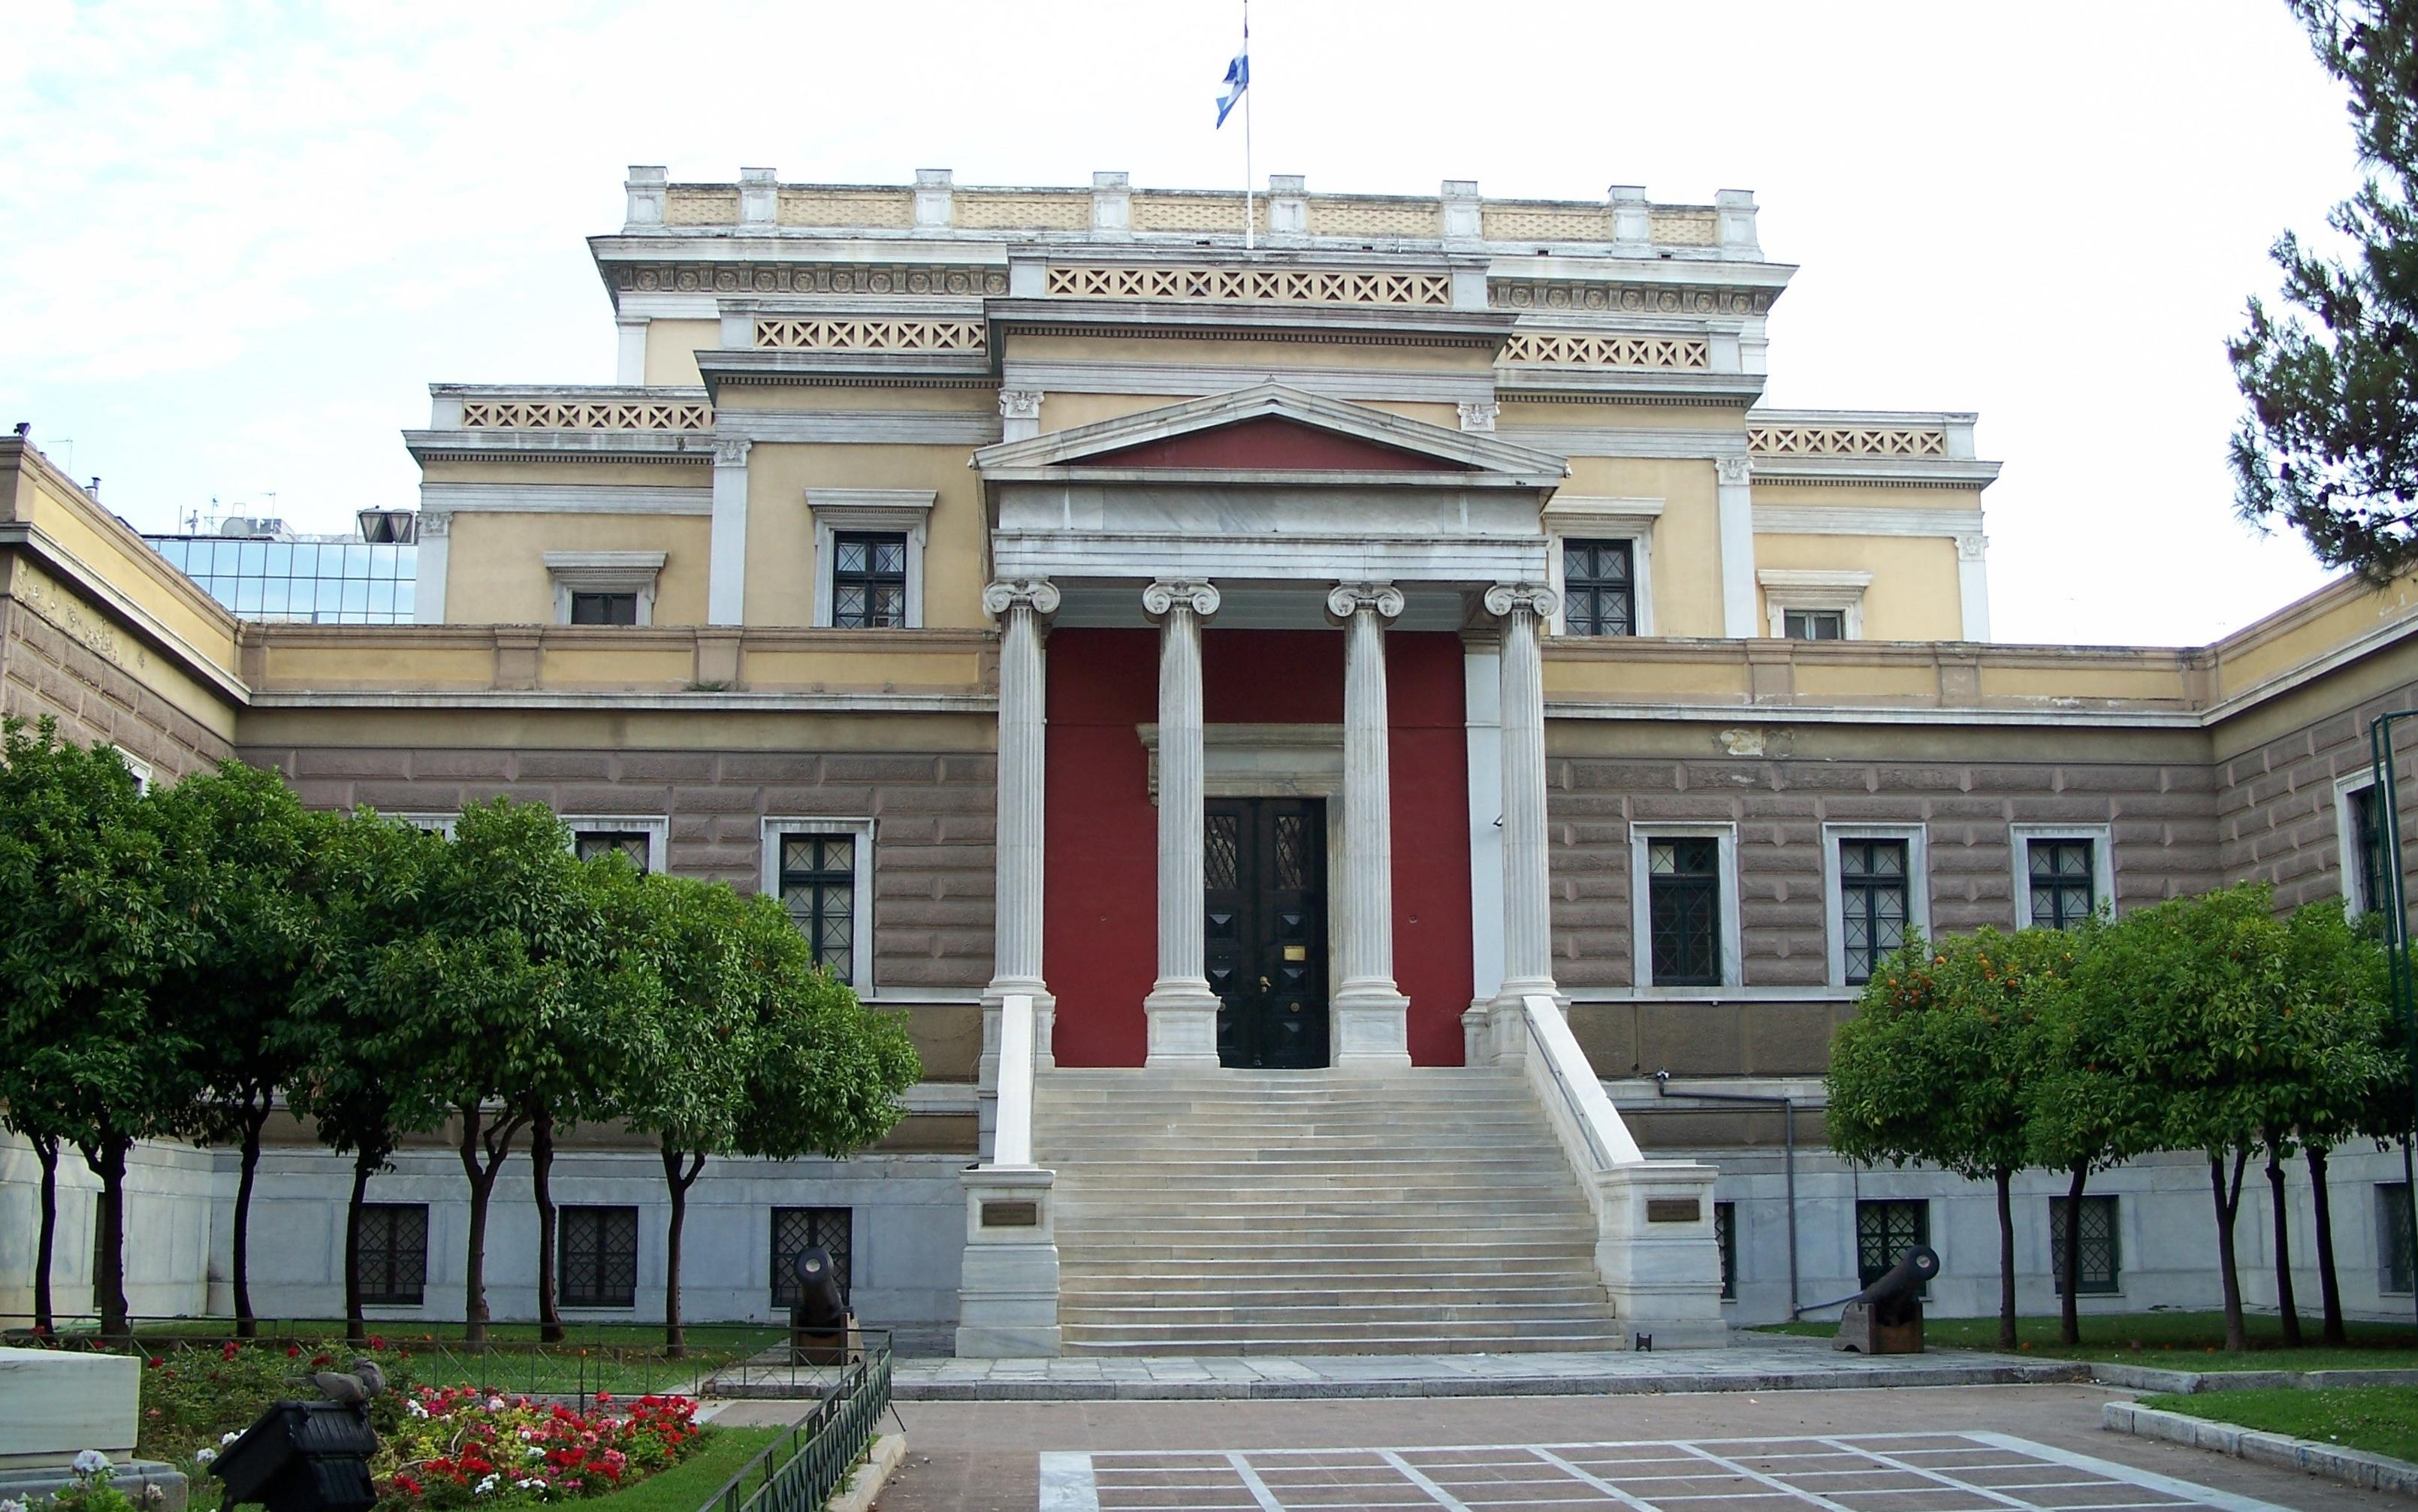 Old_Greek_Parliament_Athens, Ερνέστος Τσίλερ, Ernst Ziller, αρχιτέκτονας, ιστορικά κτίρια